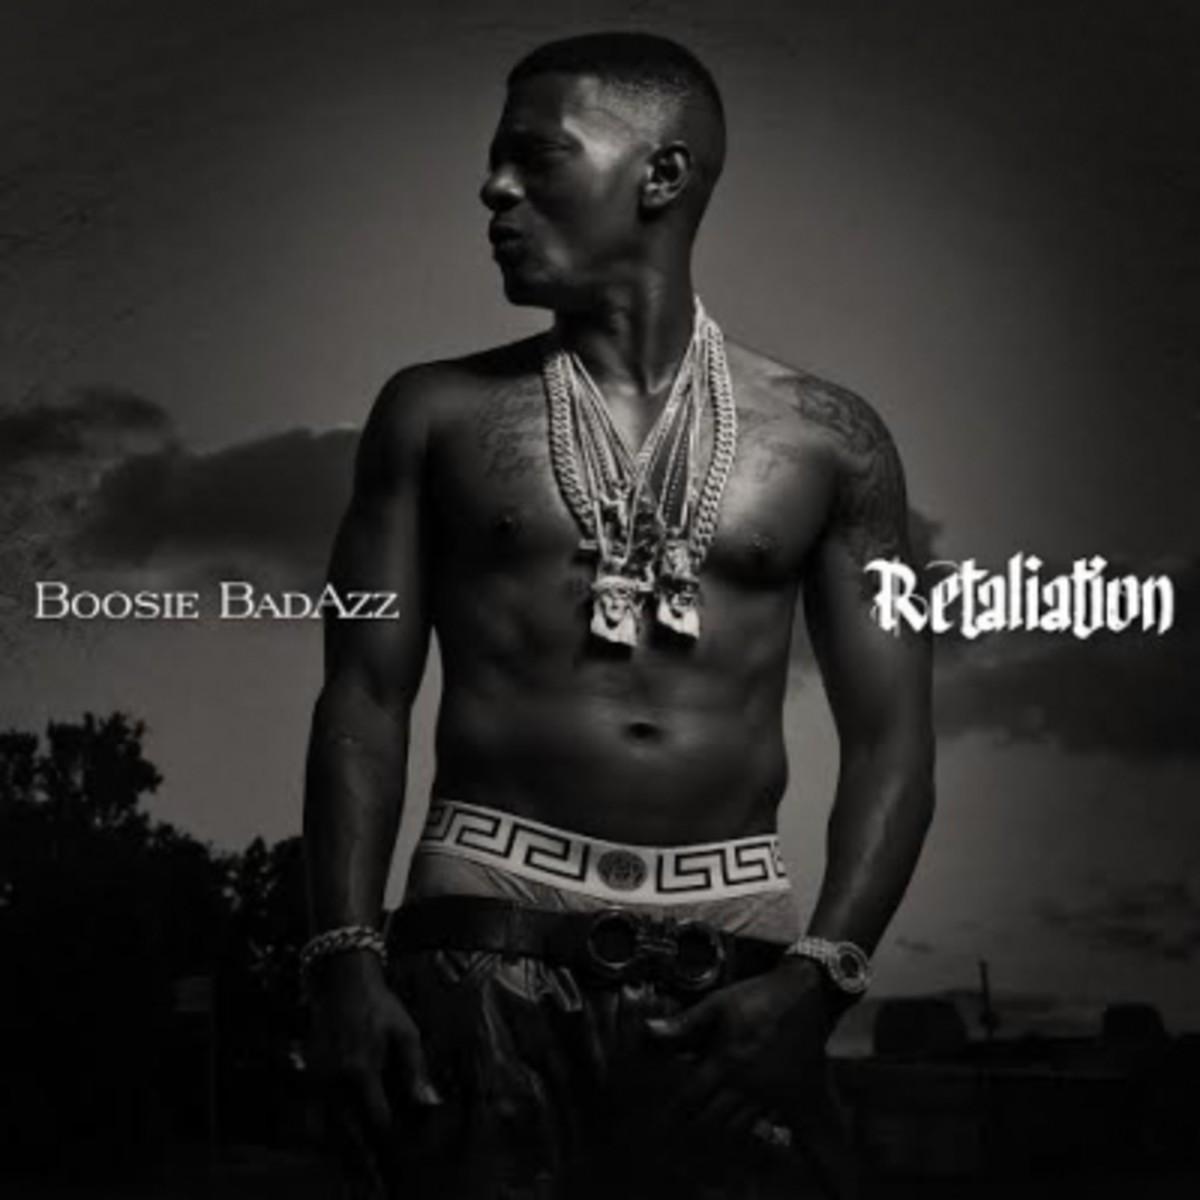 boosie-badazz-retaliation.jpg